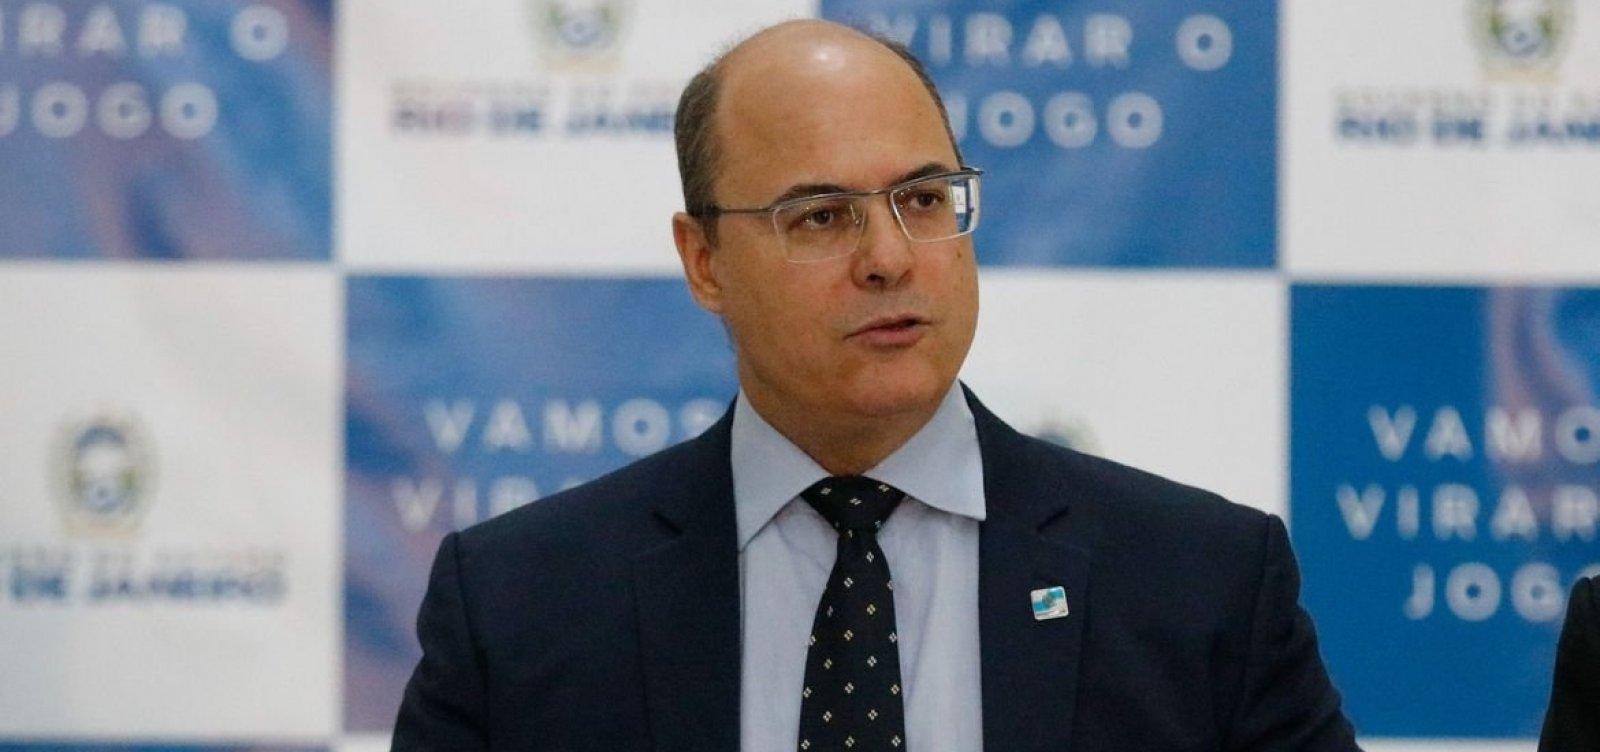 [Justiça ouve amanhã governador afastado do Rio, Wilson Witzel]